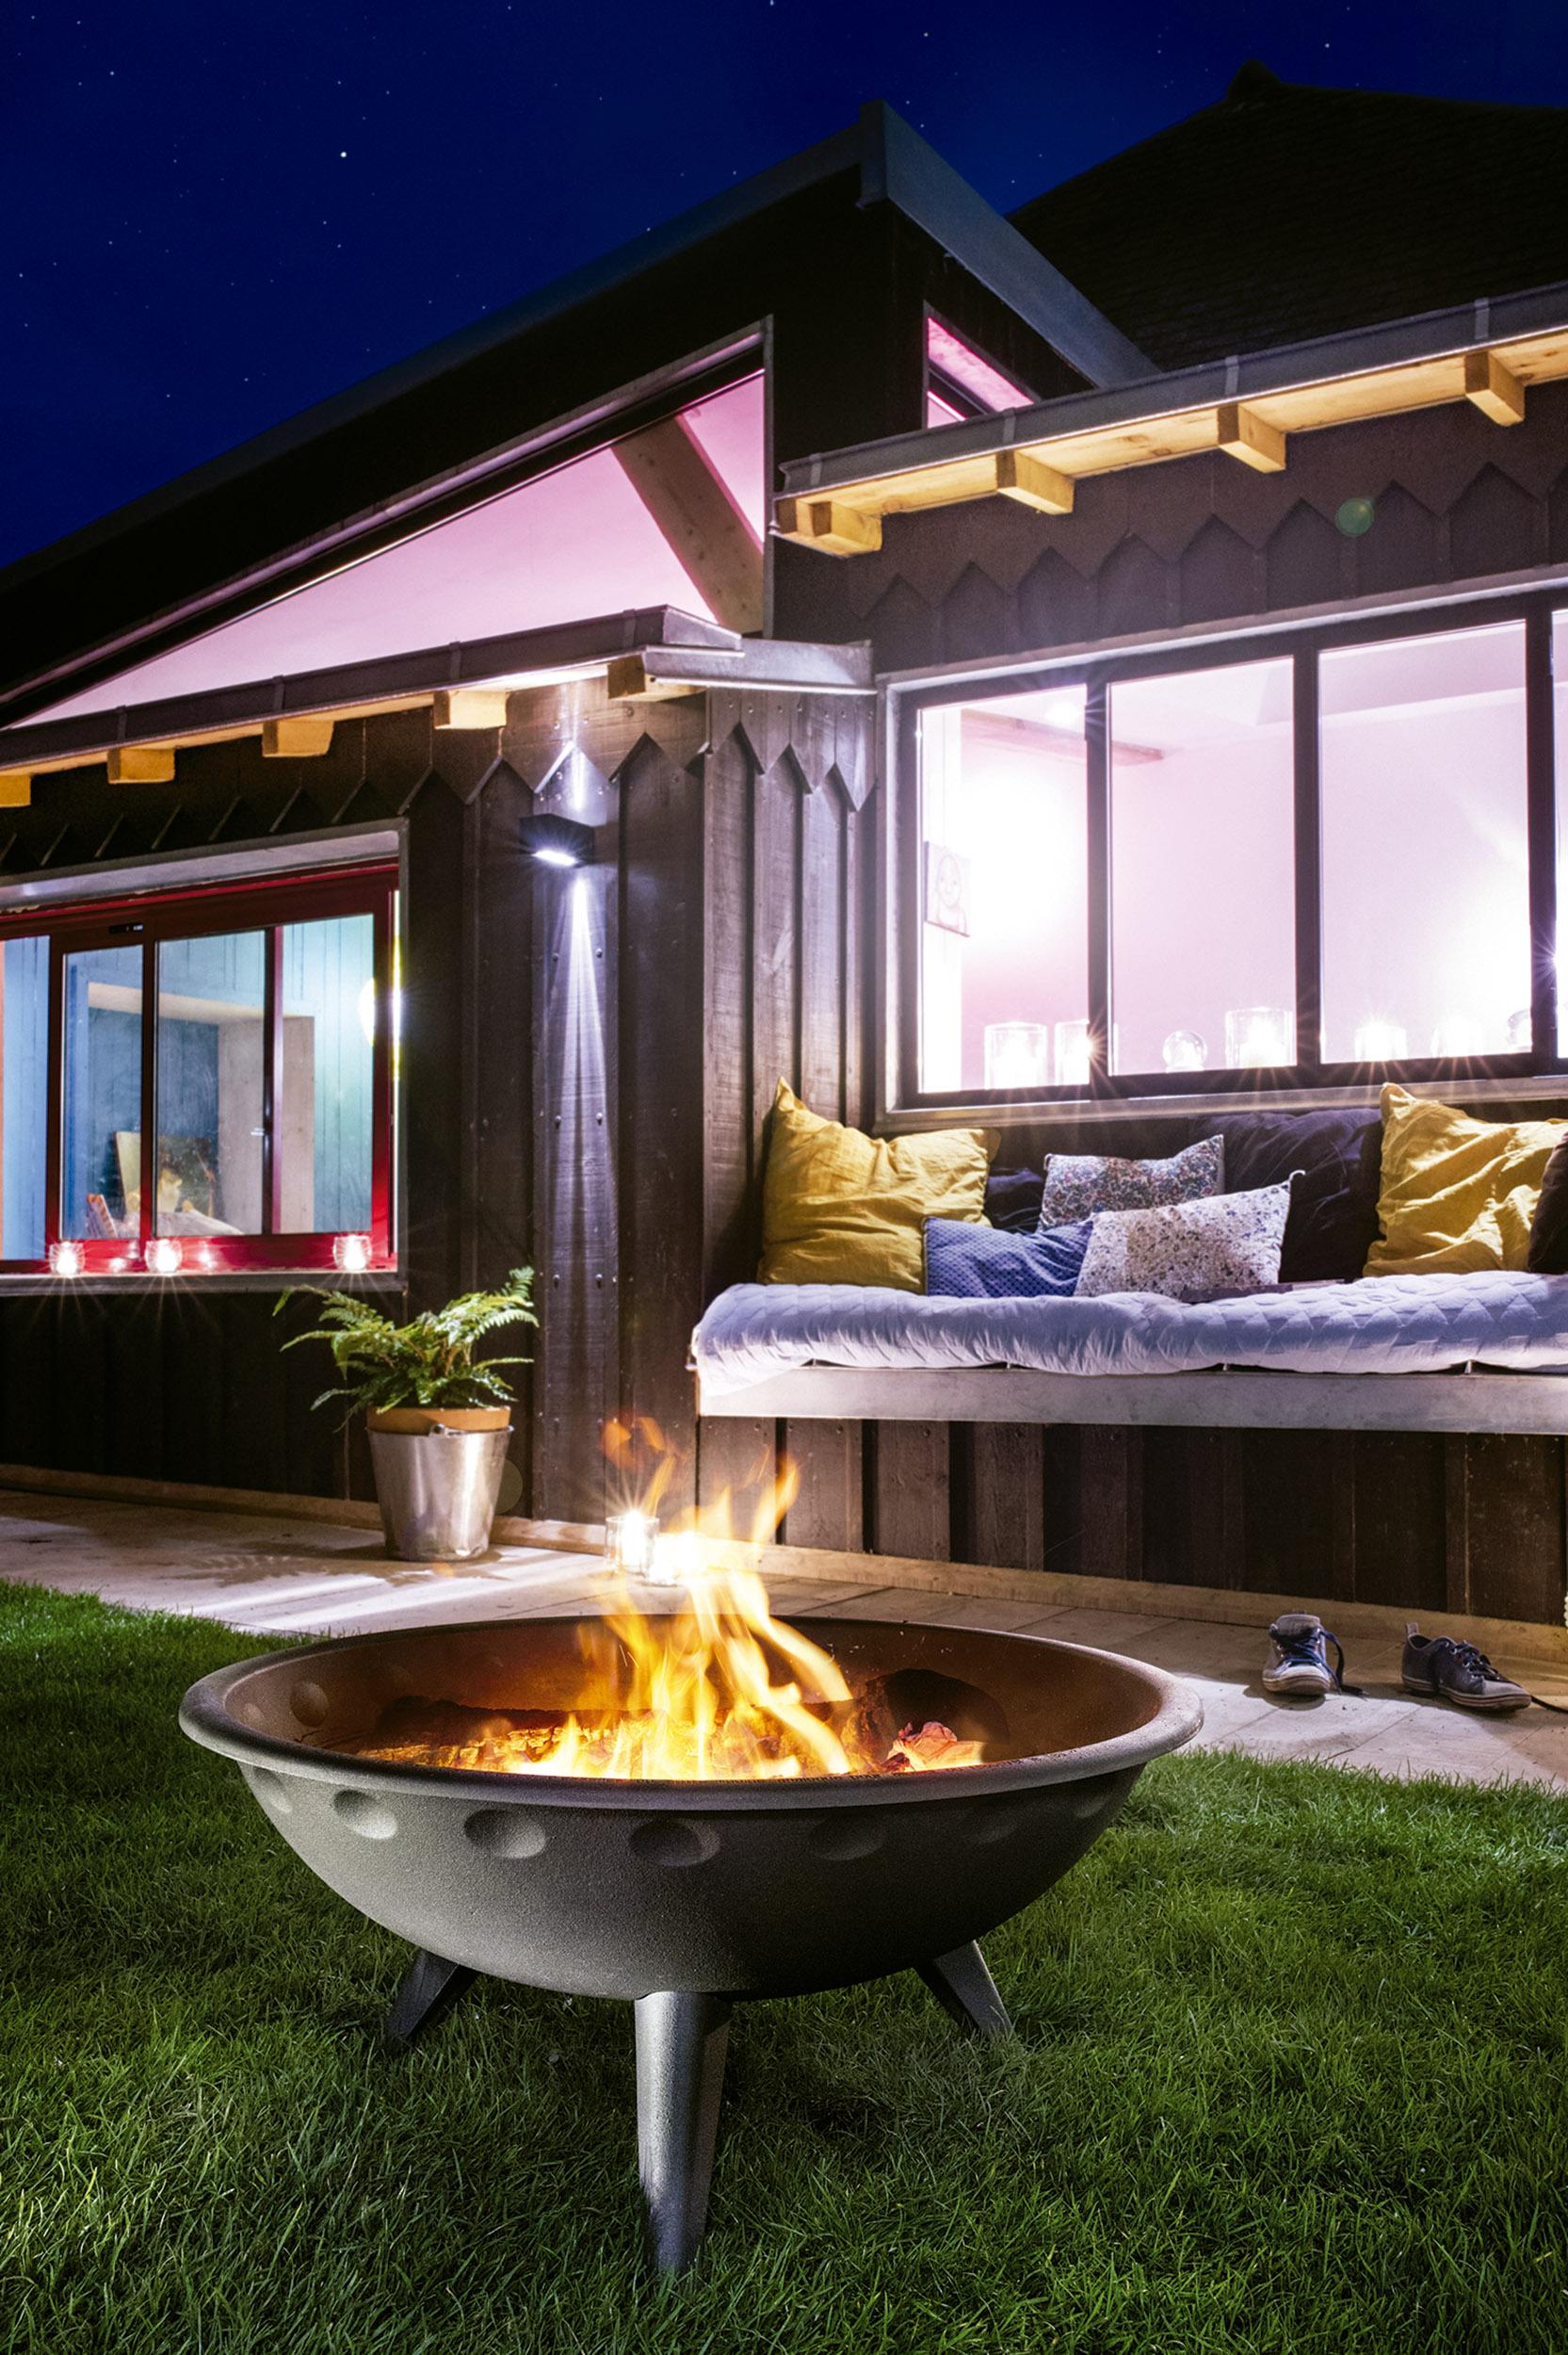 Fuente para calefacción de zonas exteriores del hogar